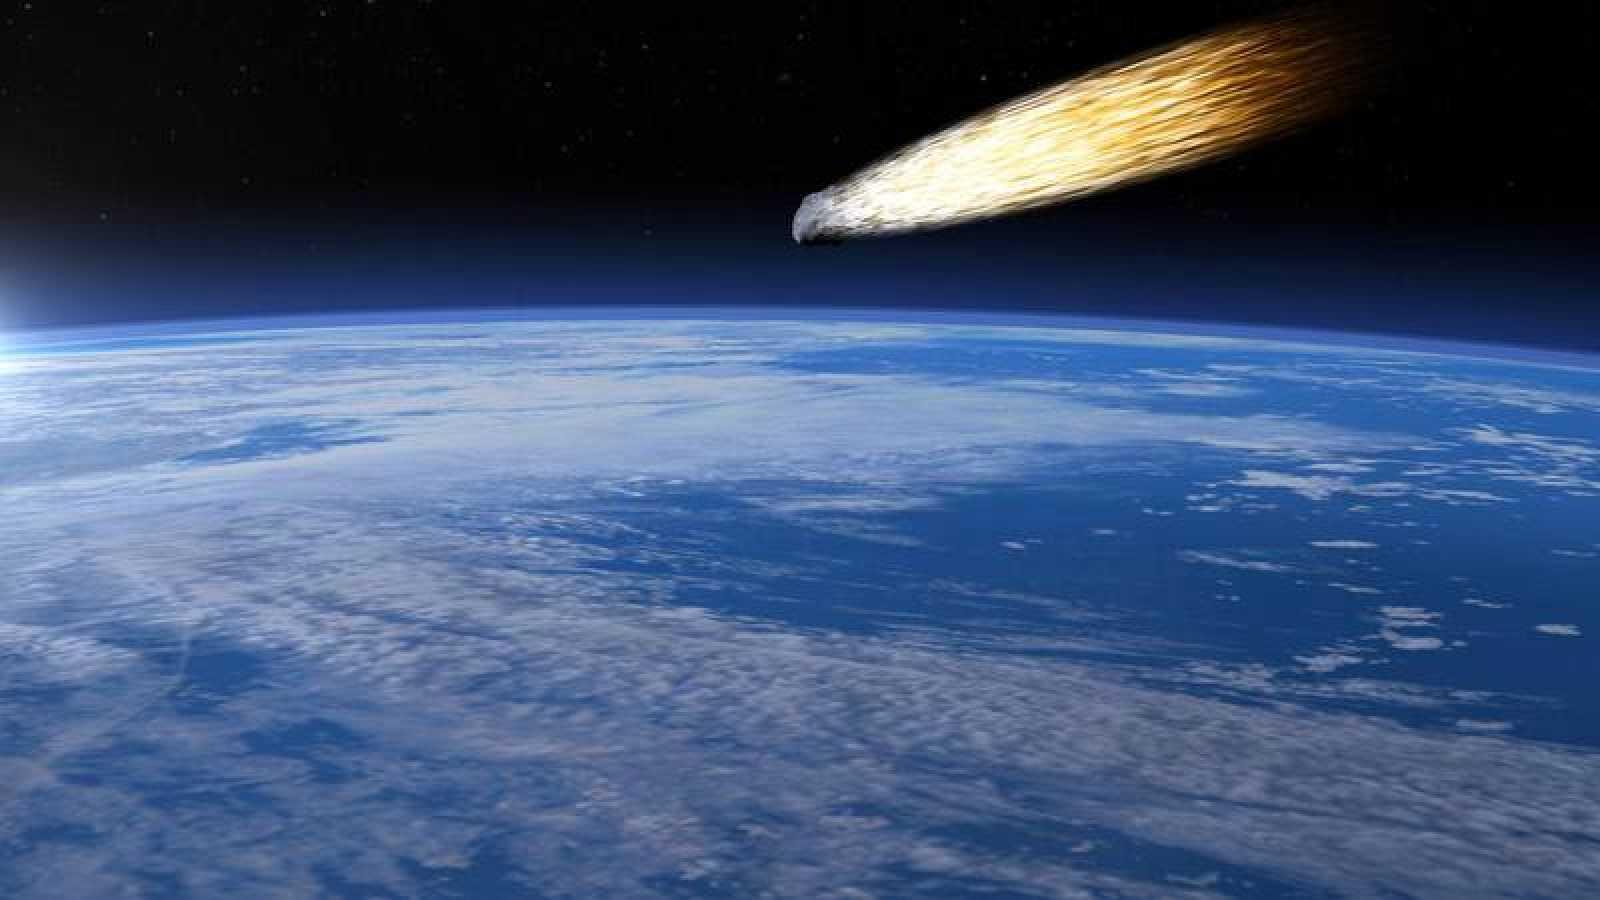 Hallan Los Restos Mas Puros Del Meteorito Rtve Es Cuando el meteorito gigante se estrelló contra la tierra hace 66 millones de años, una enorme nube de polvo impidió pasar los rayos del sol, lo que generó una disminución de las temperaturas y la muerte de las plantas. restos mas puros del meteorito